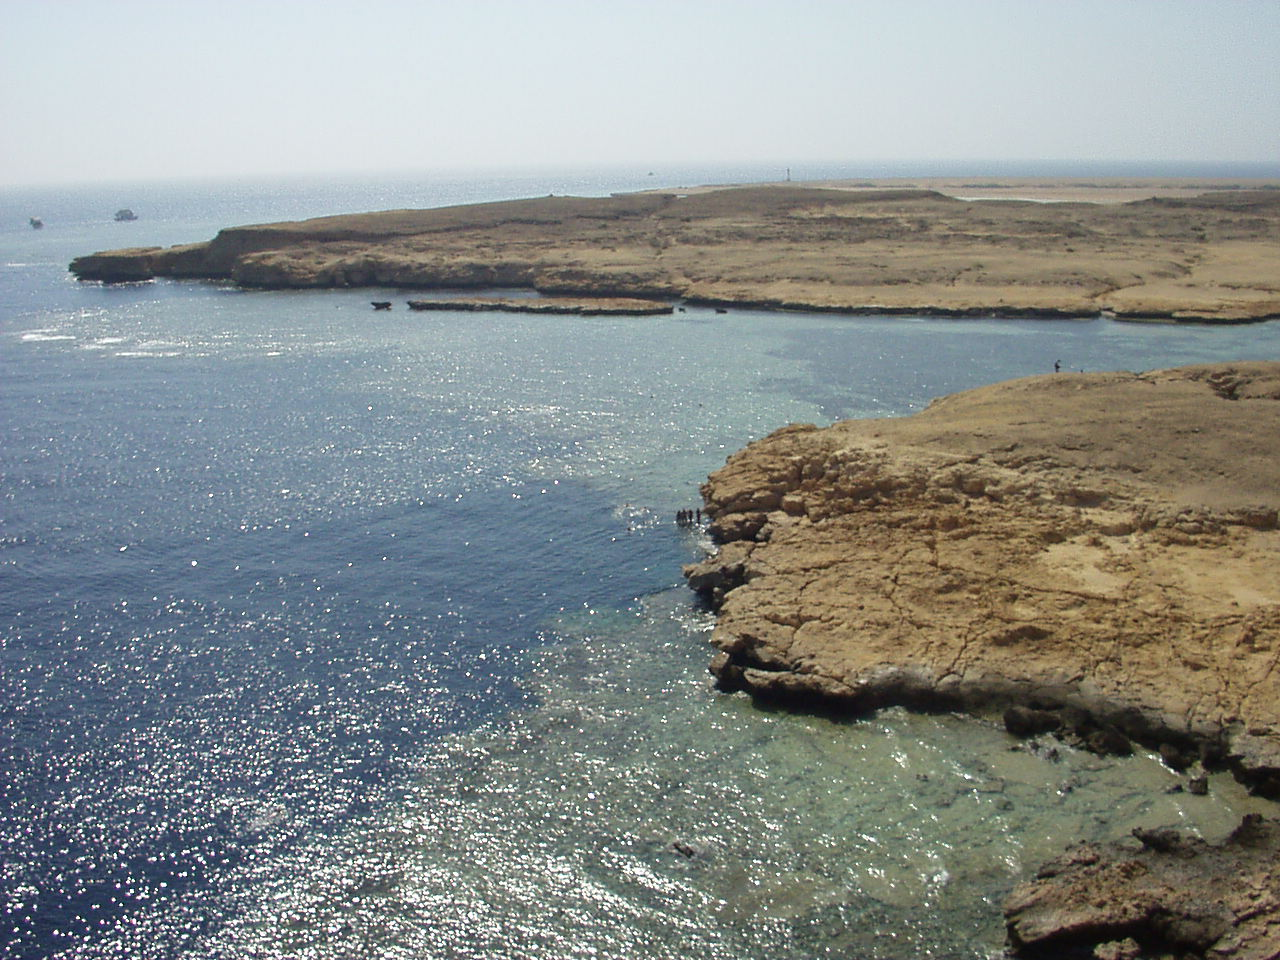 Национальный парк Рас-Мохаммед, Египет